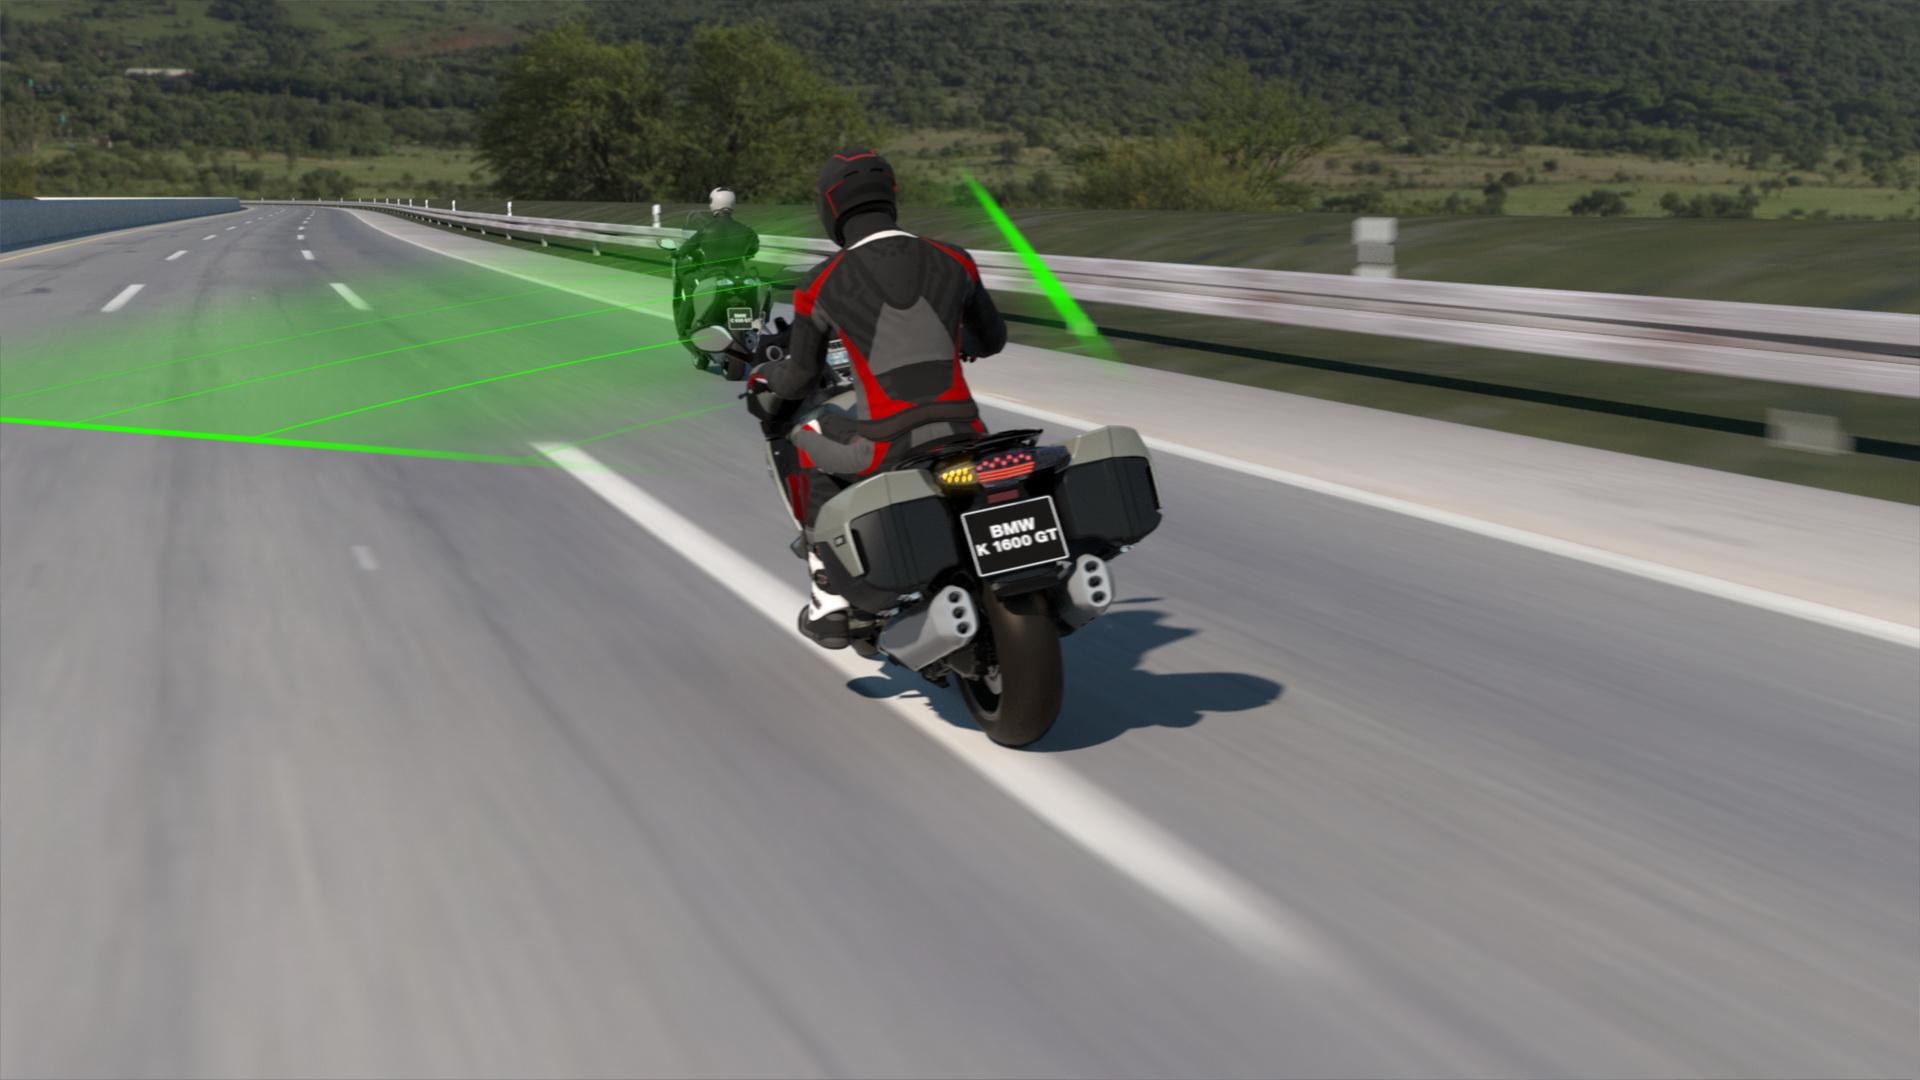 Mô tô BMW Motorrad sắp được trang bị hệ thống kiểm soát hành trình như ô tô